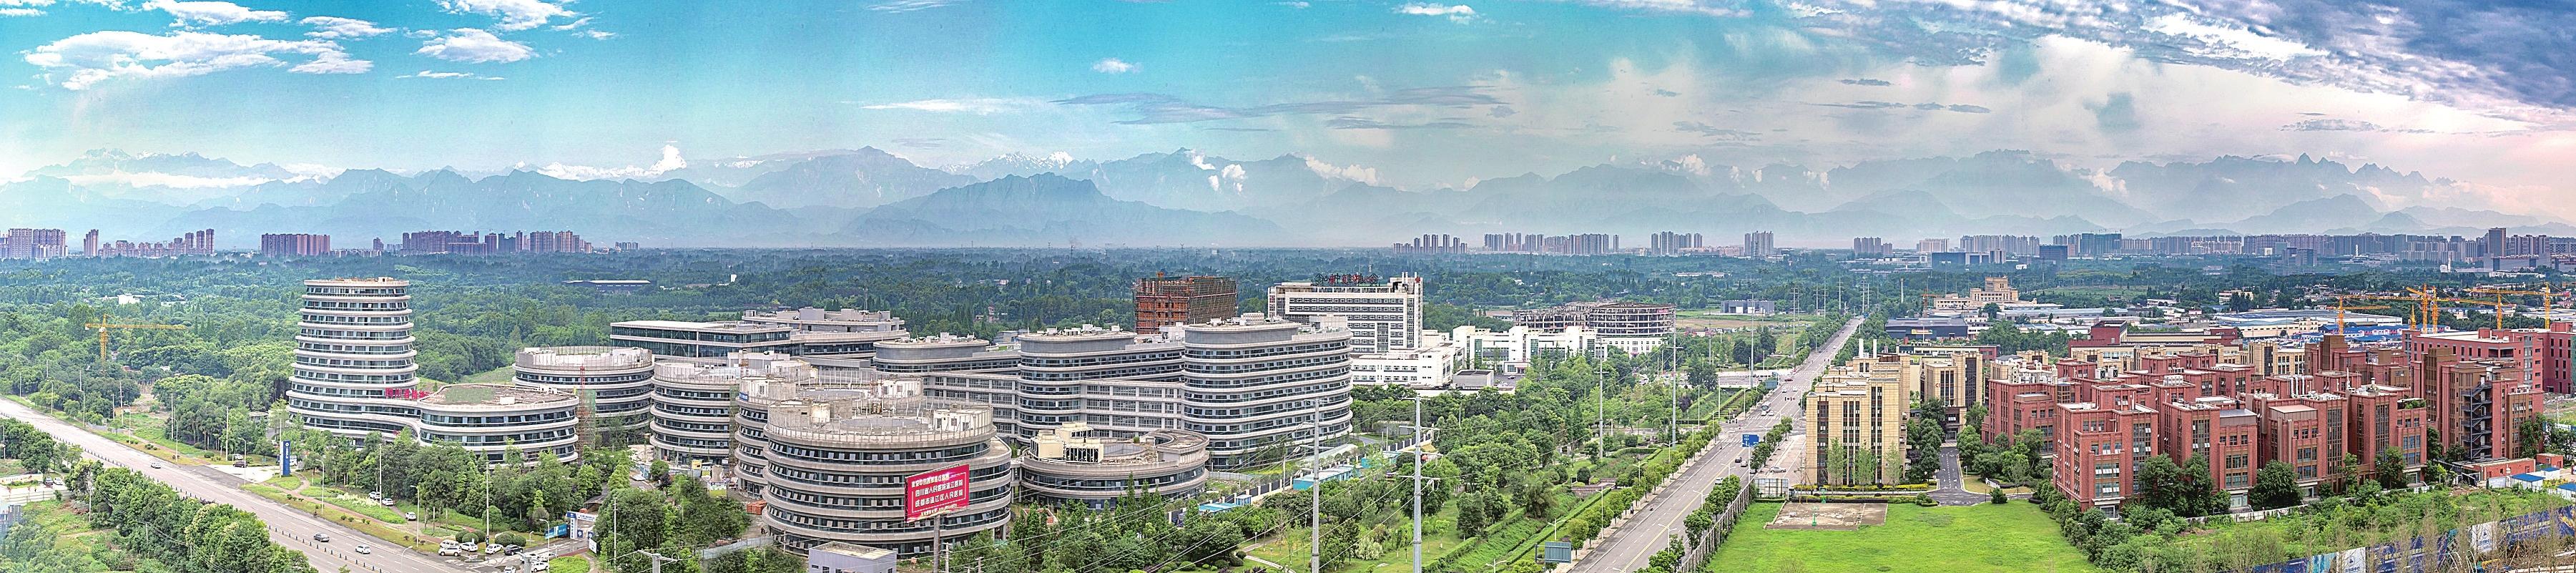 """成都温江:""""专医""""之城的产业棋局——城市产业发展规律和趋势观察"""